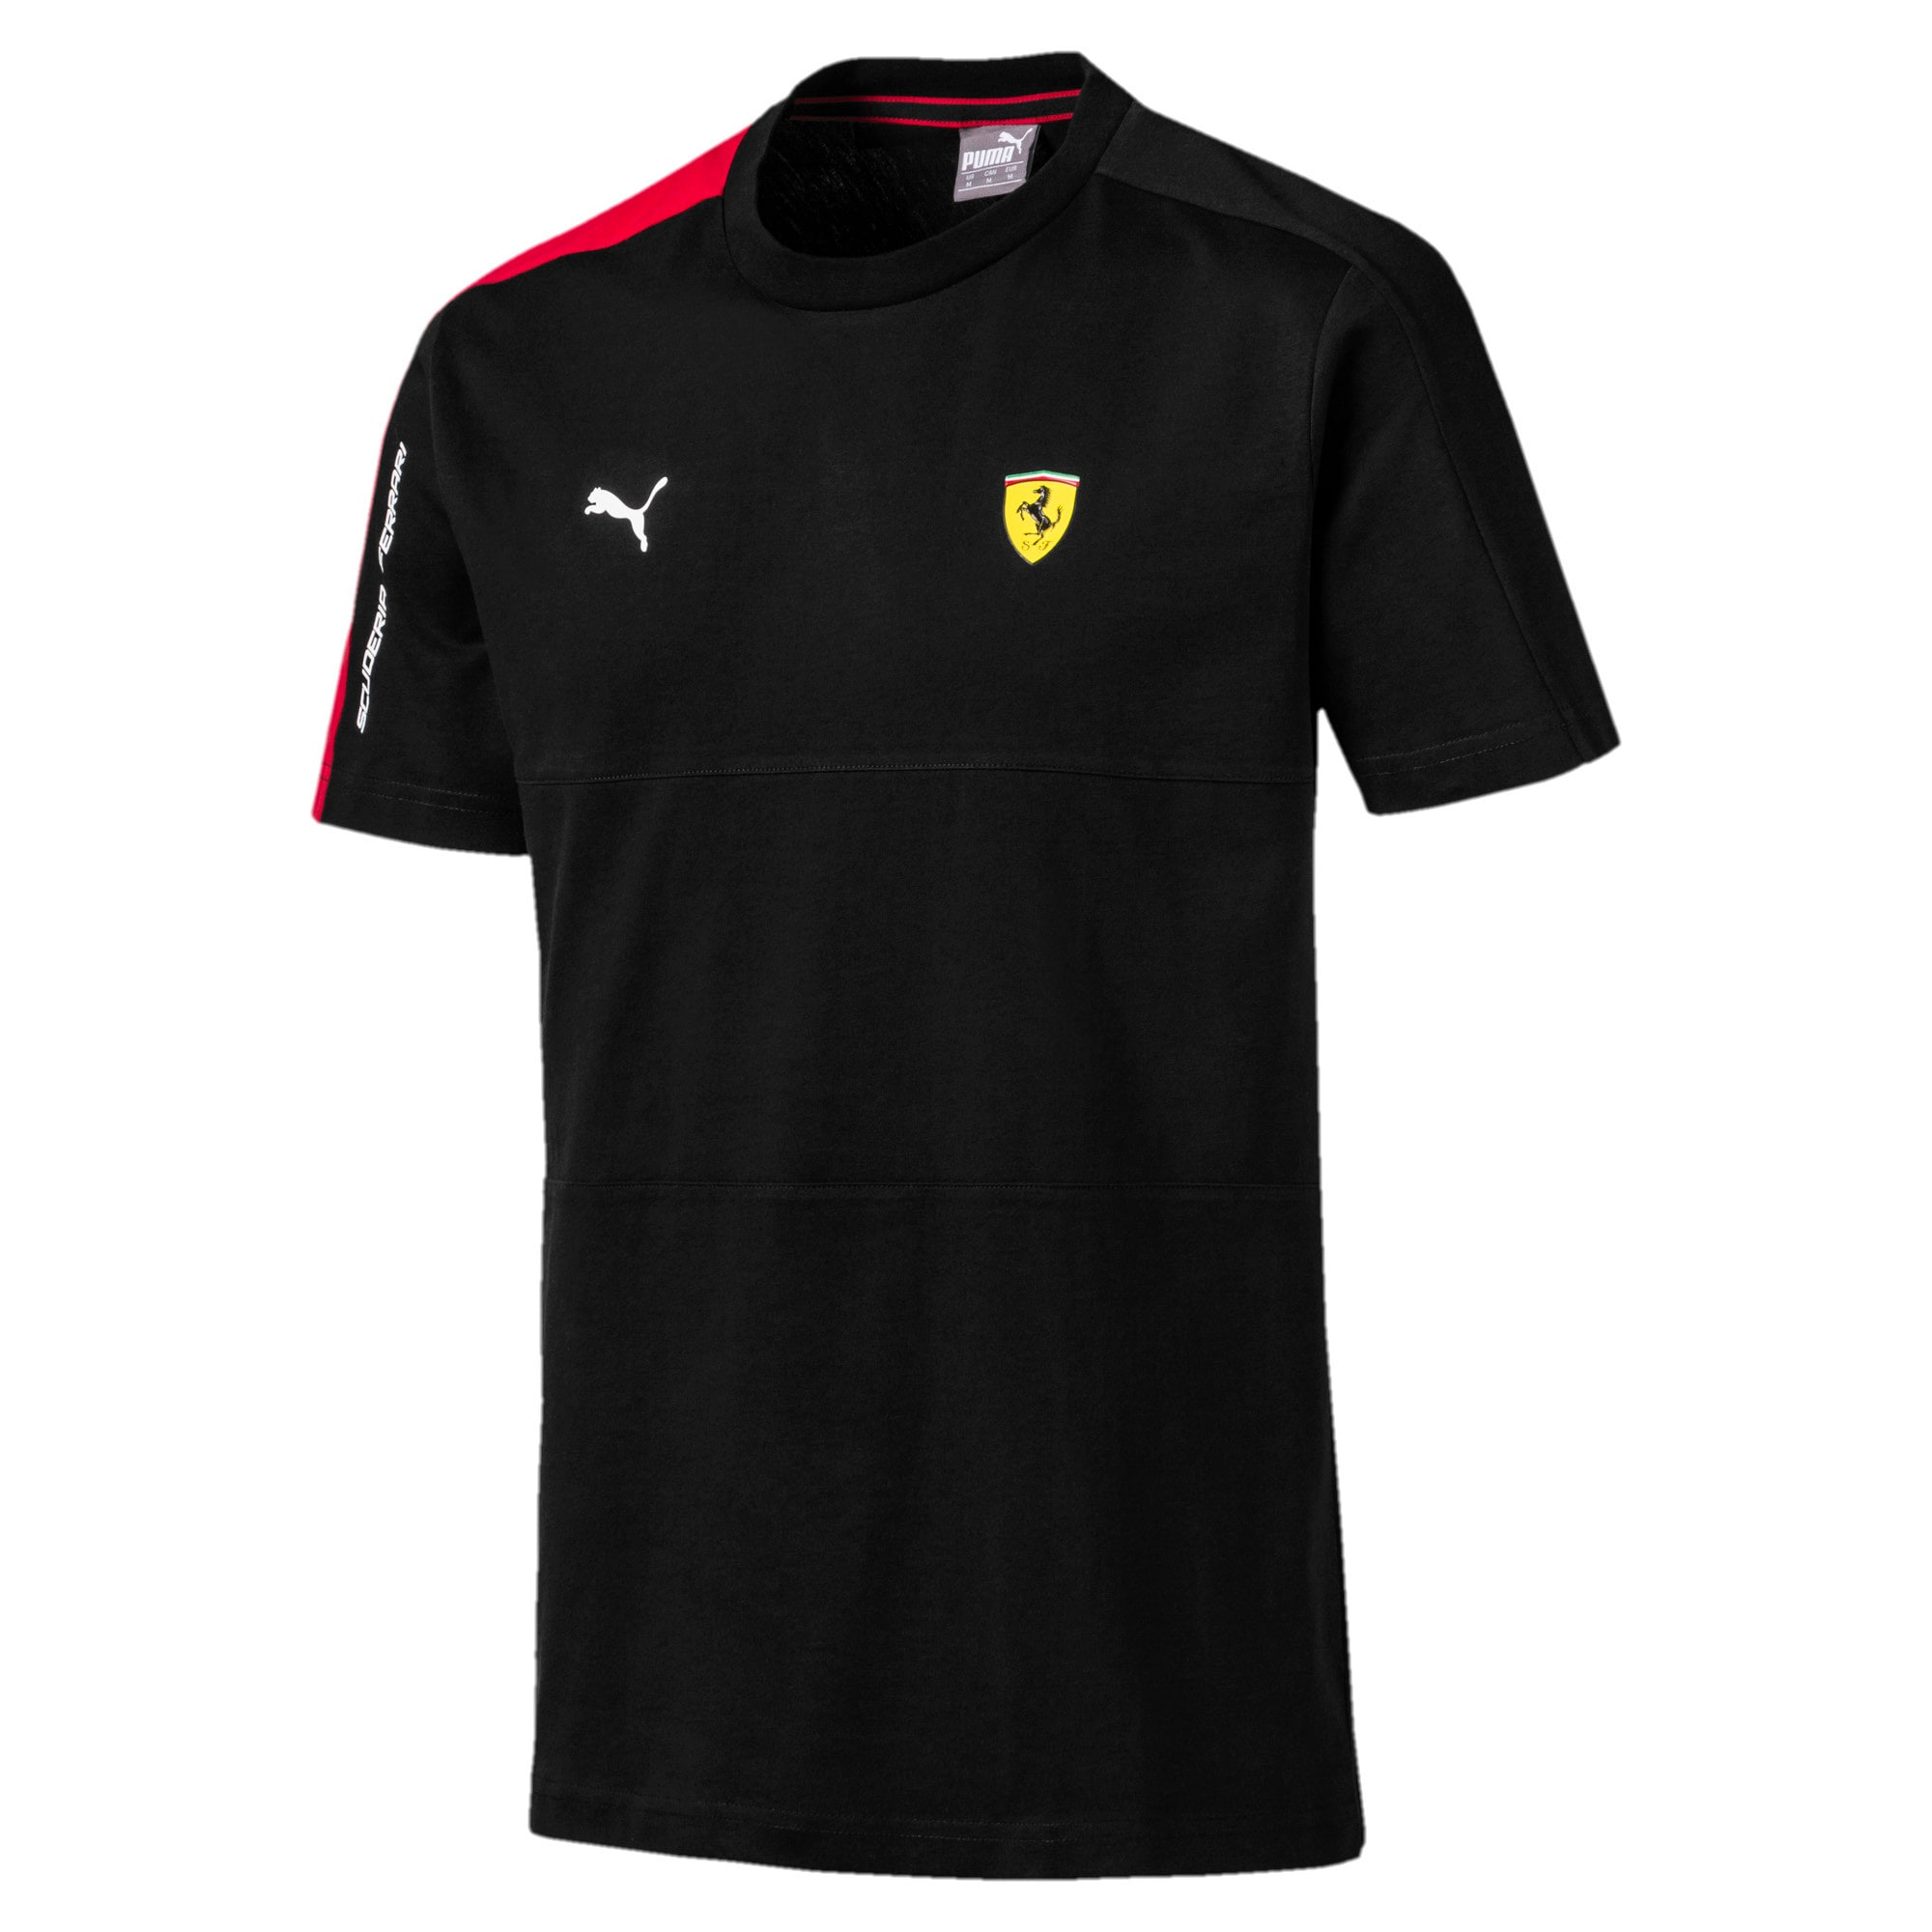 Thumbnail 4 of T-shirt Scuderia Ferrari T7 uomo, Puma Black, medium